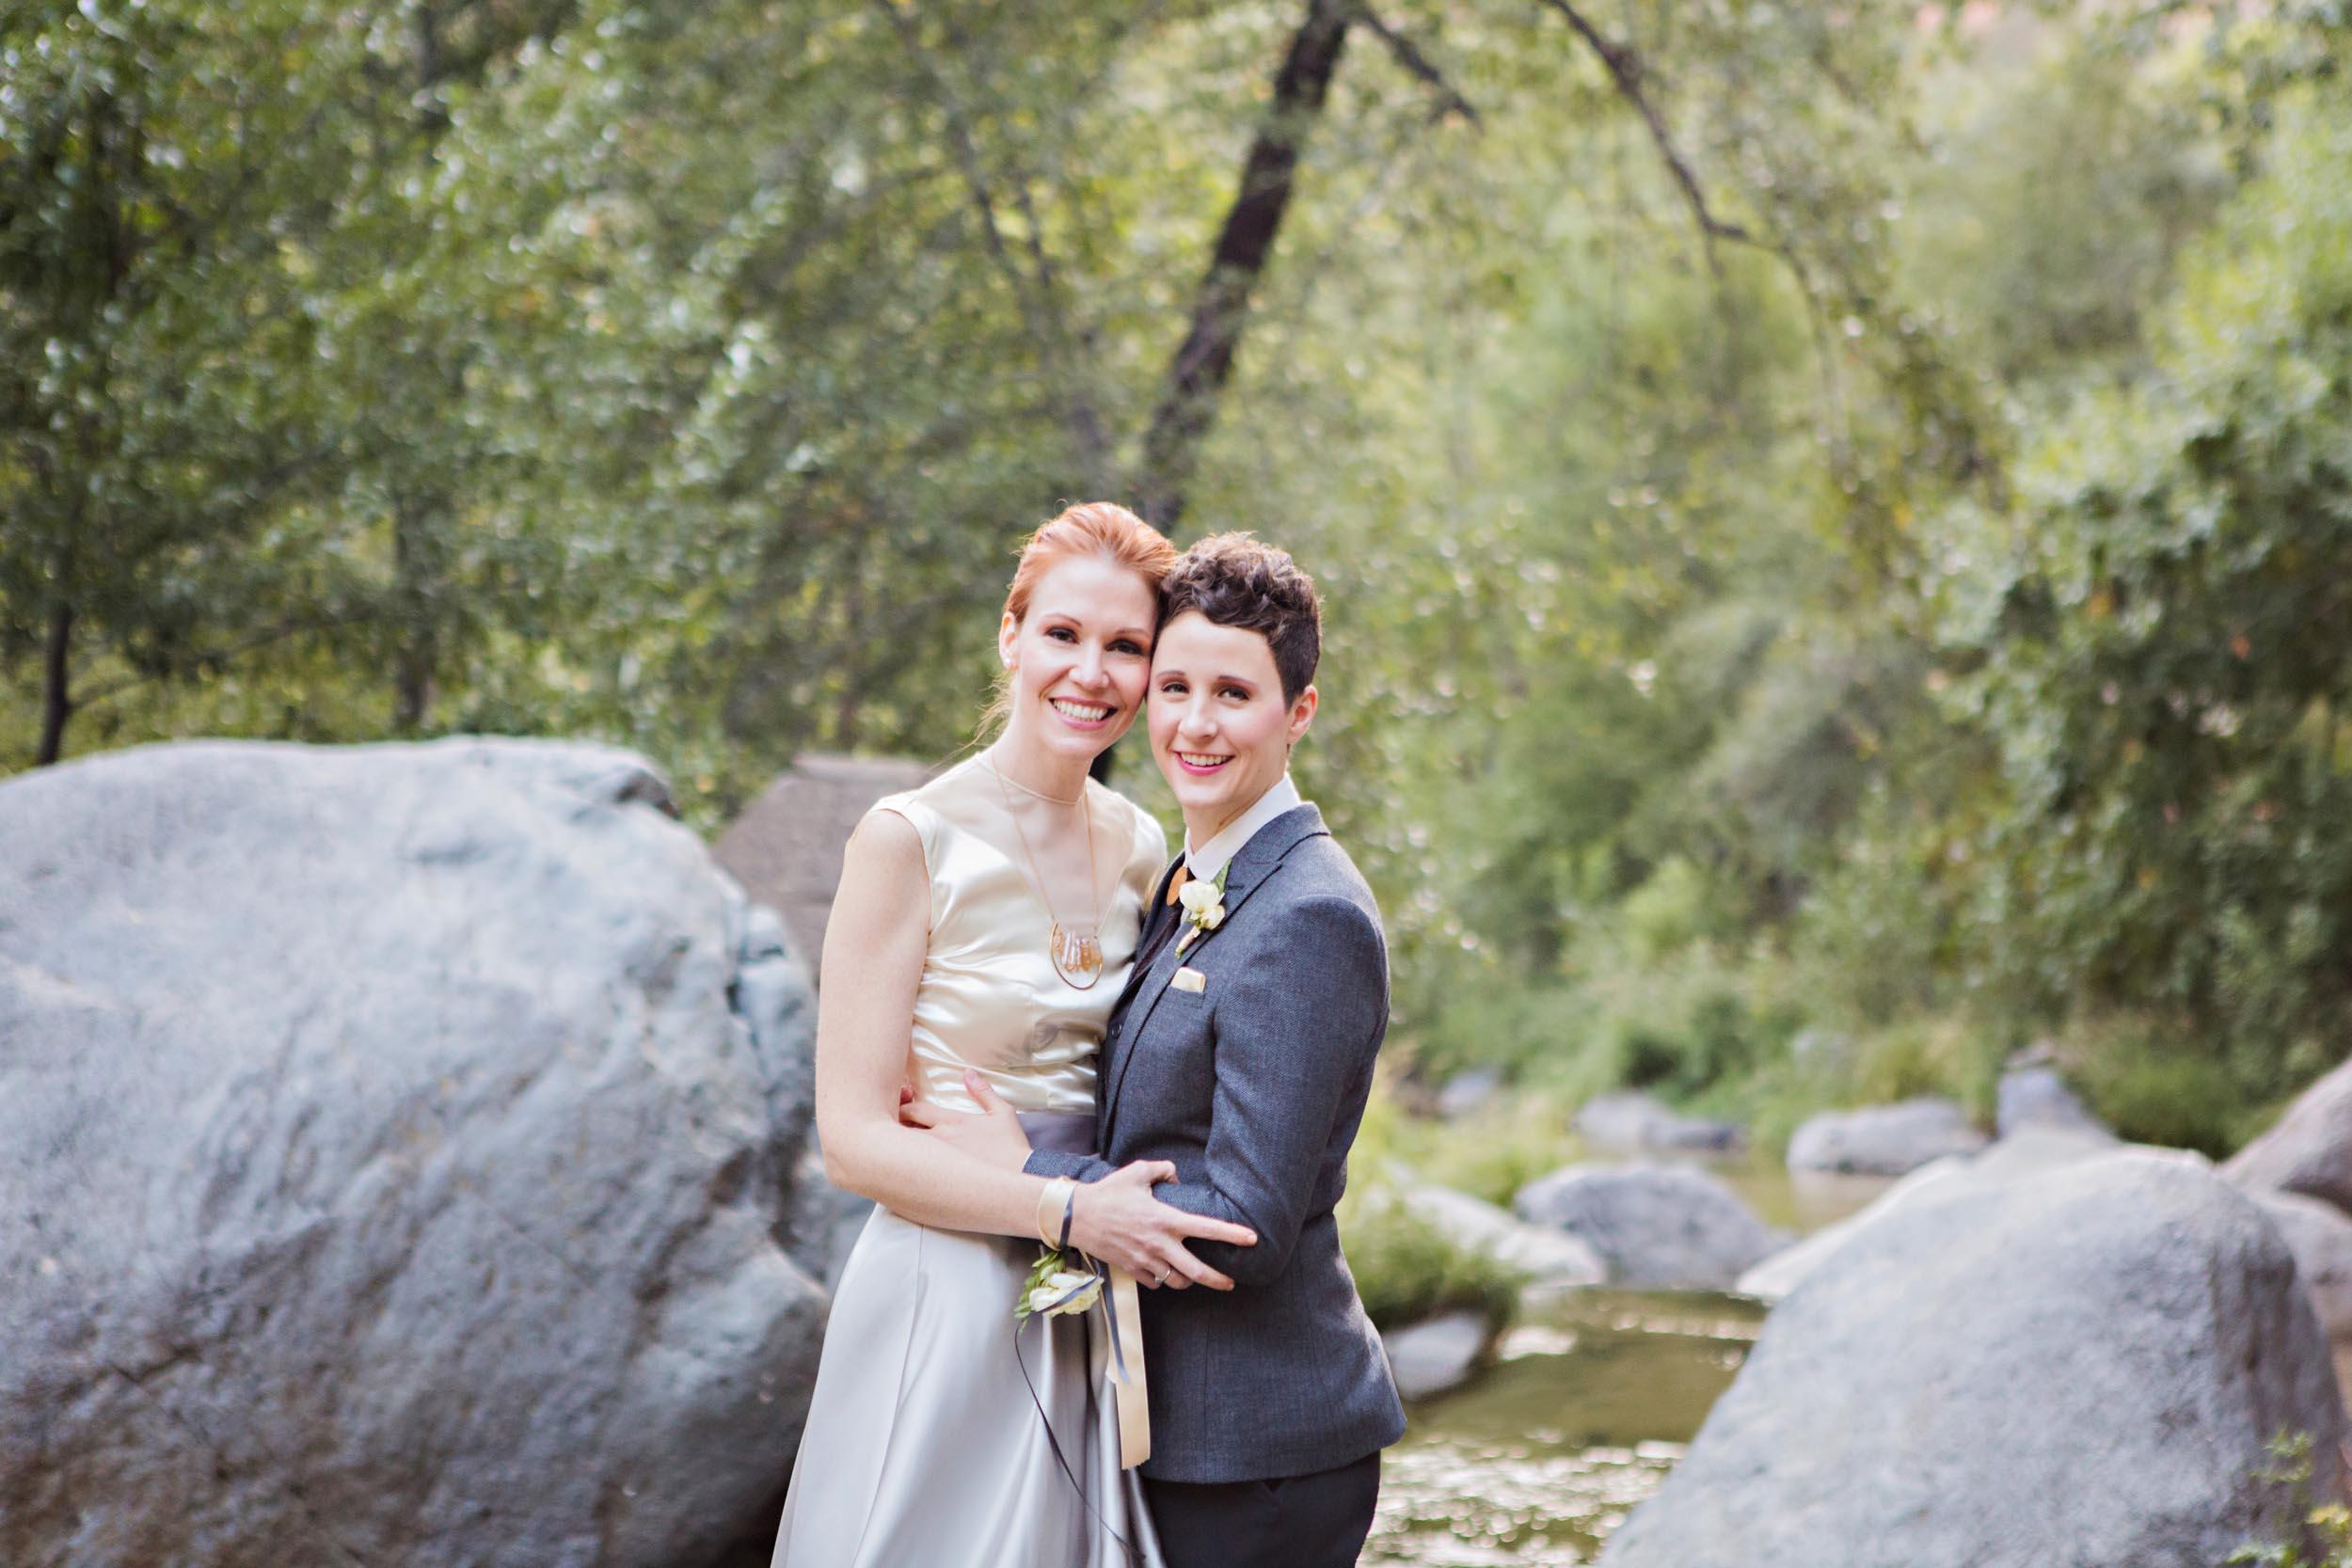 weddings-oakcreek-11.jpg